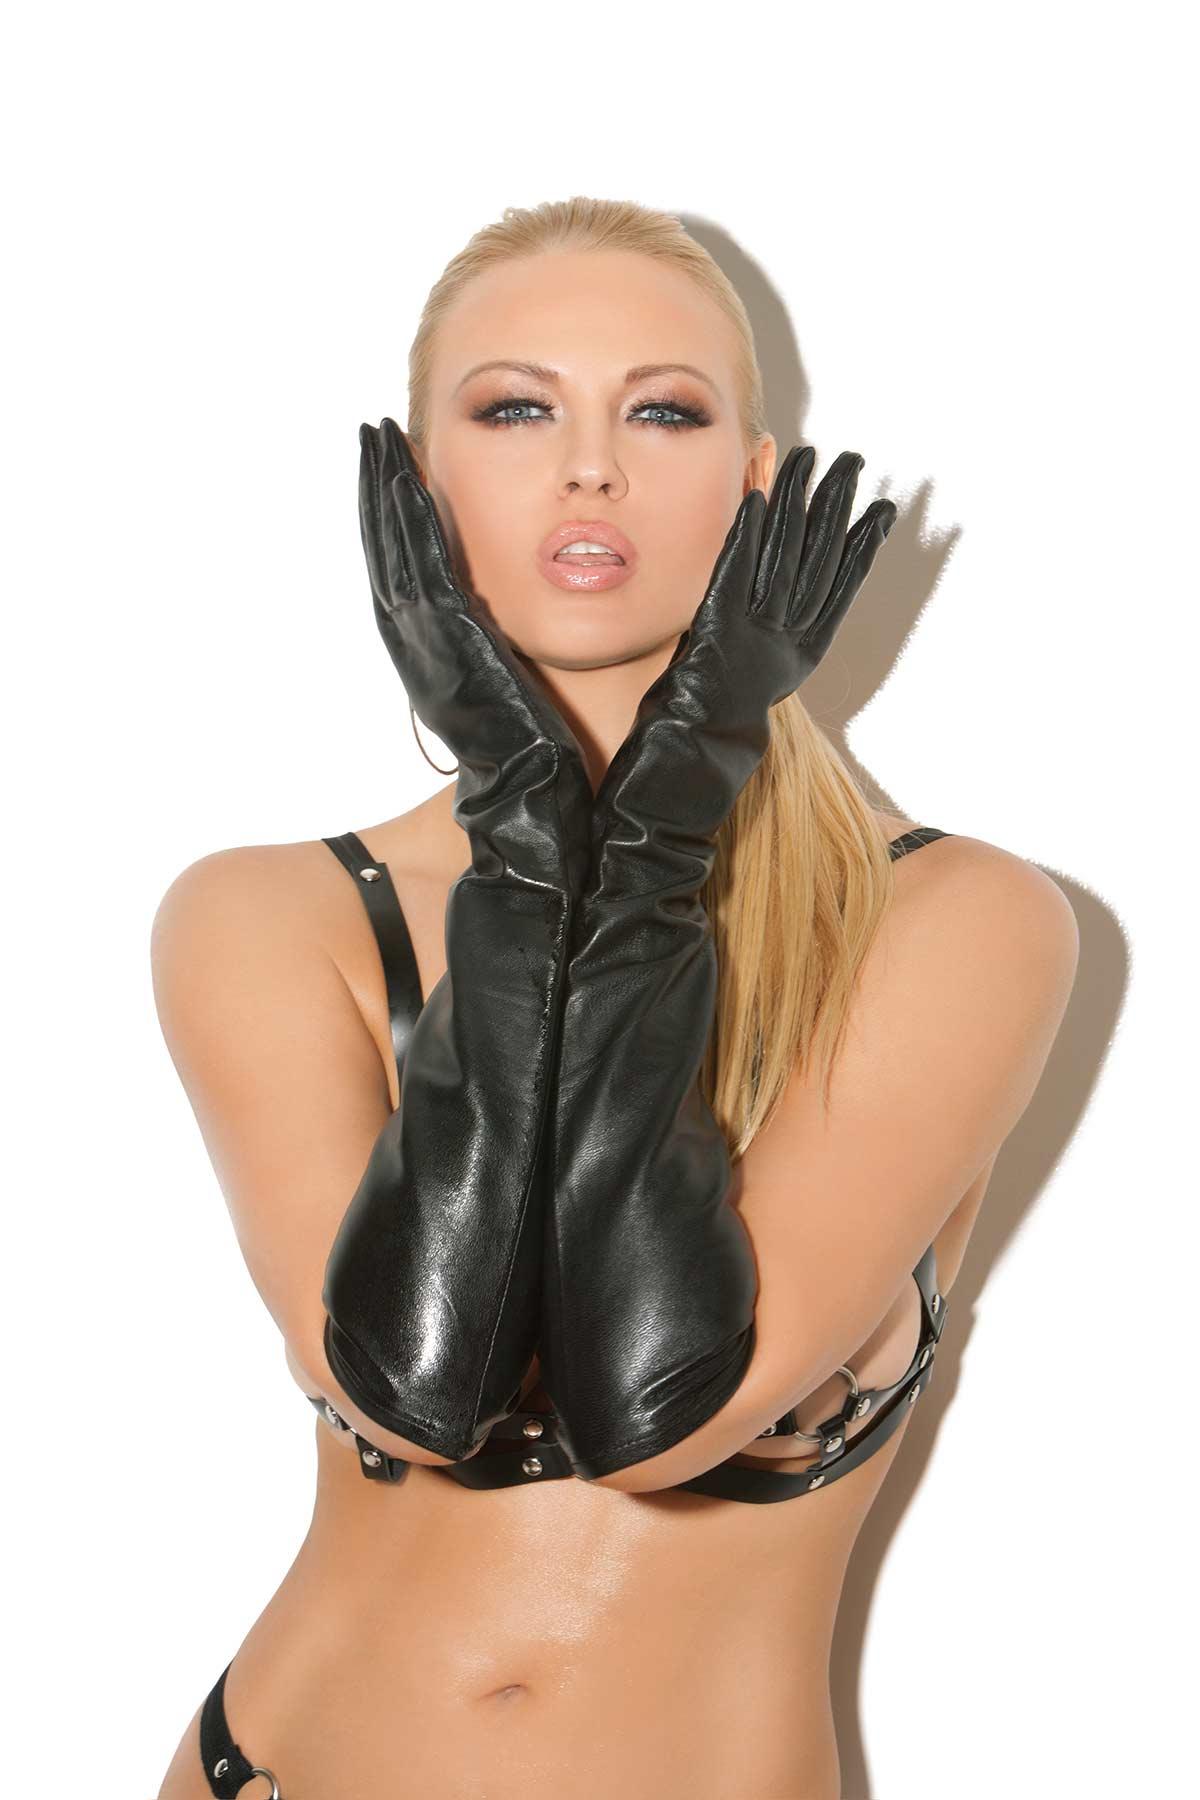 Трансвеститы в перчатках 10 фотография